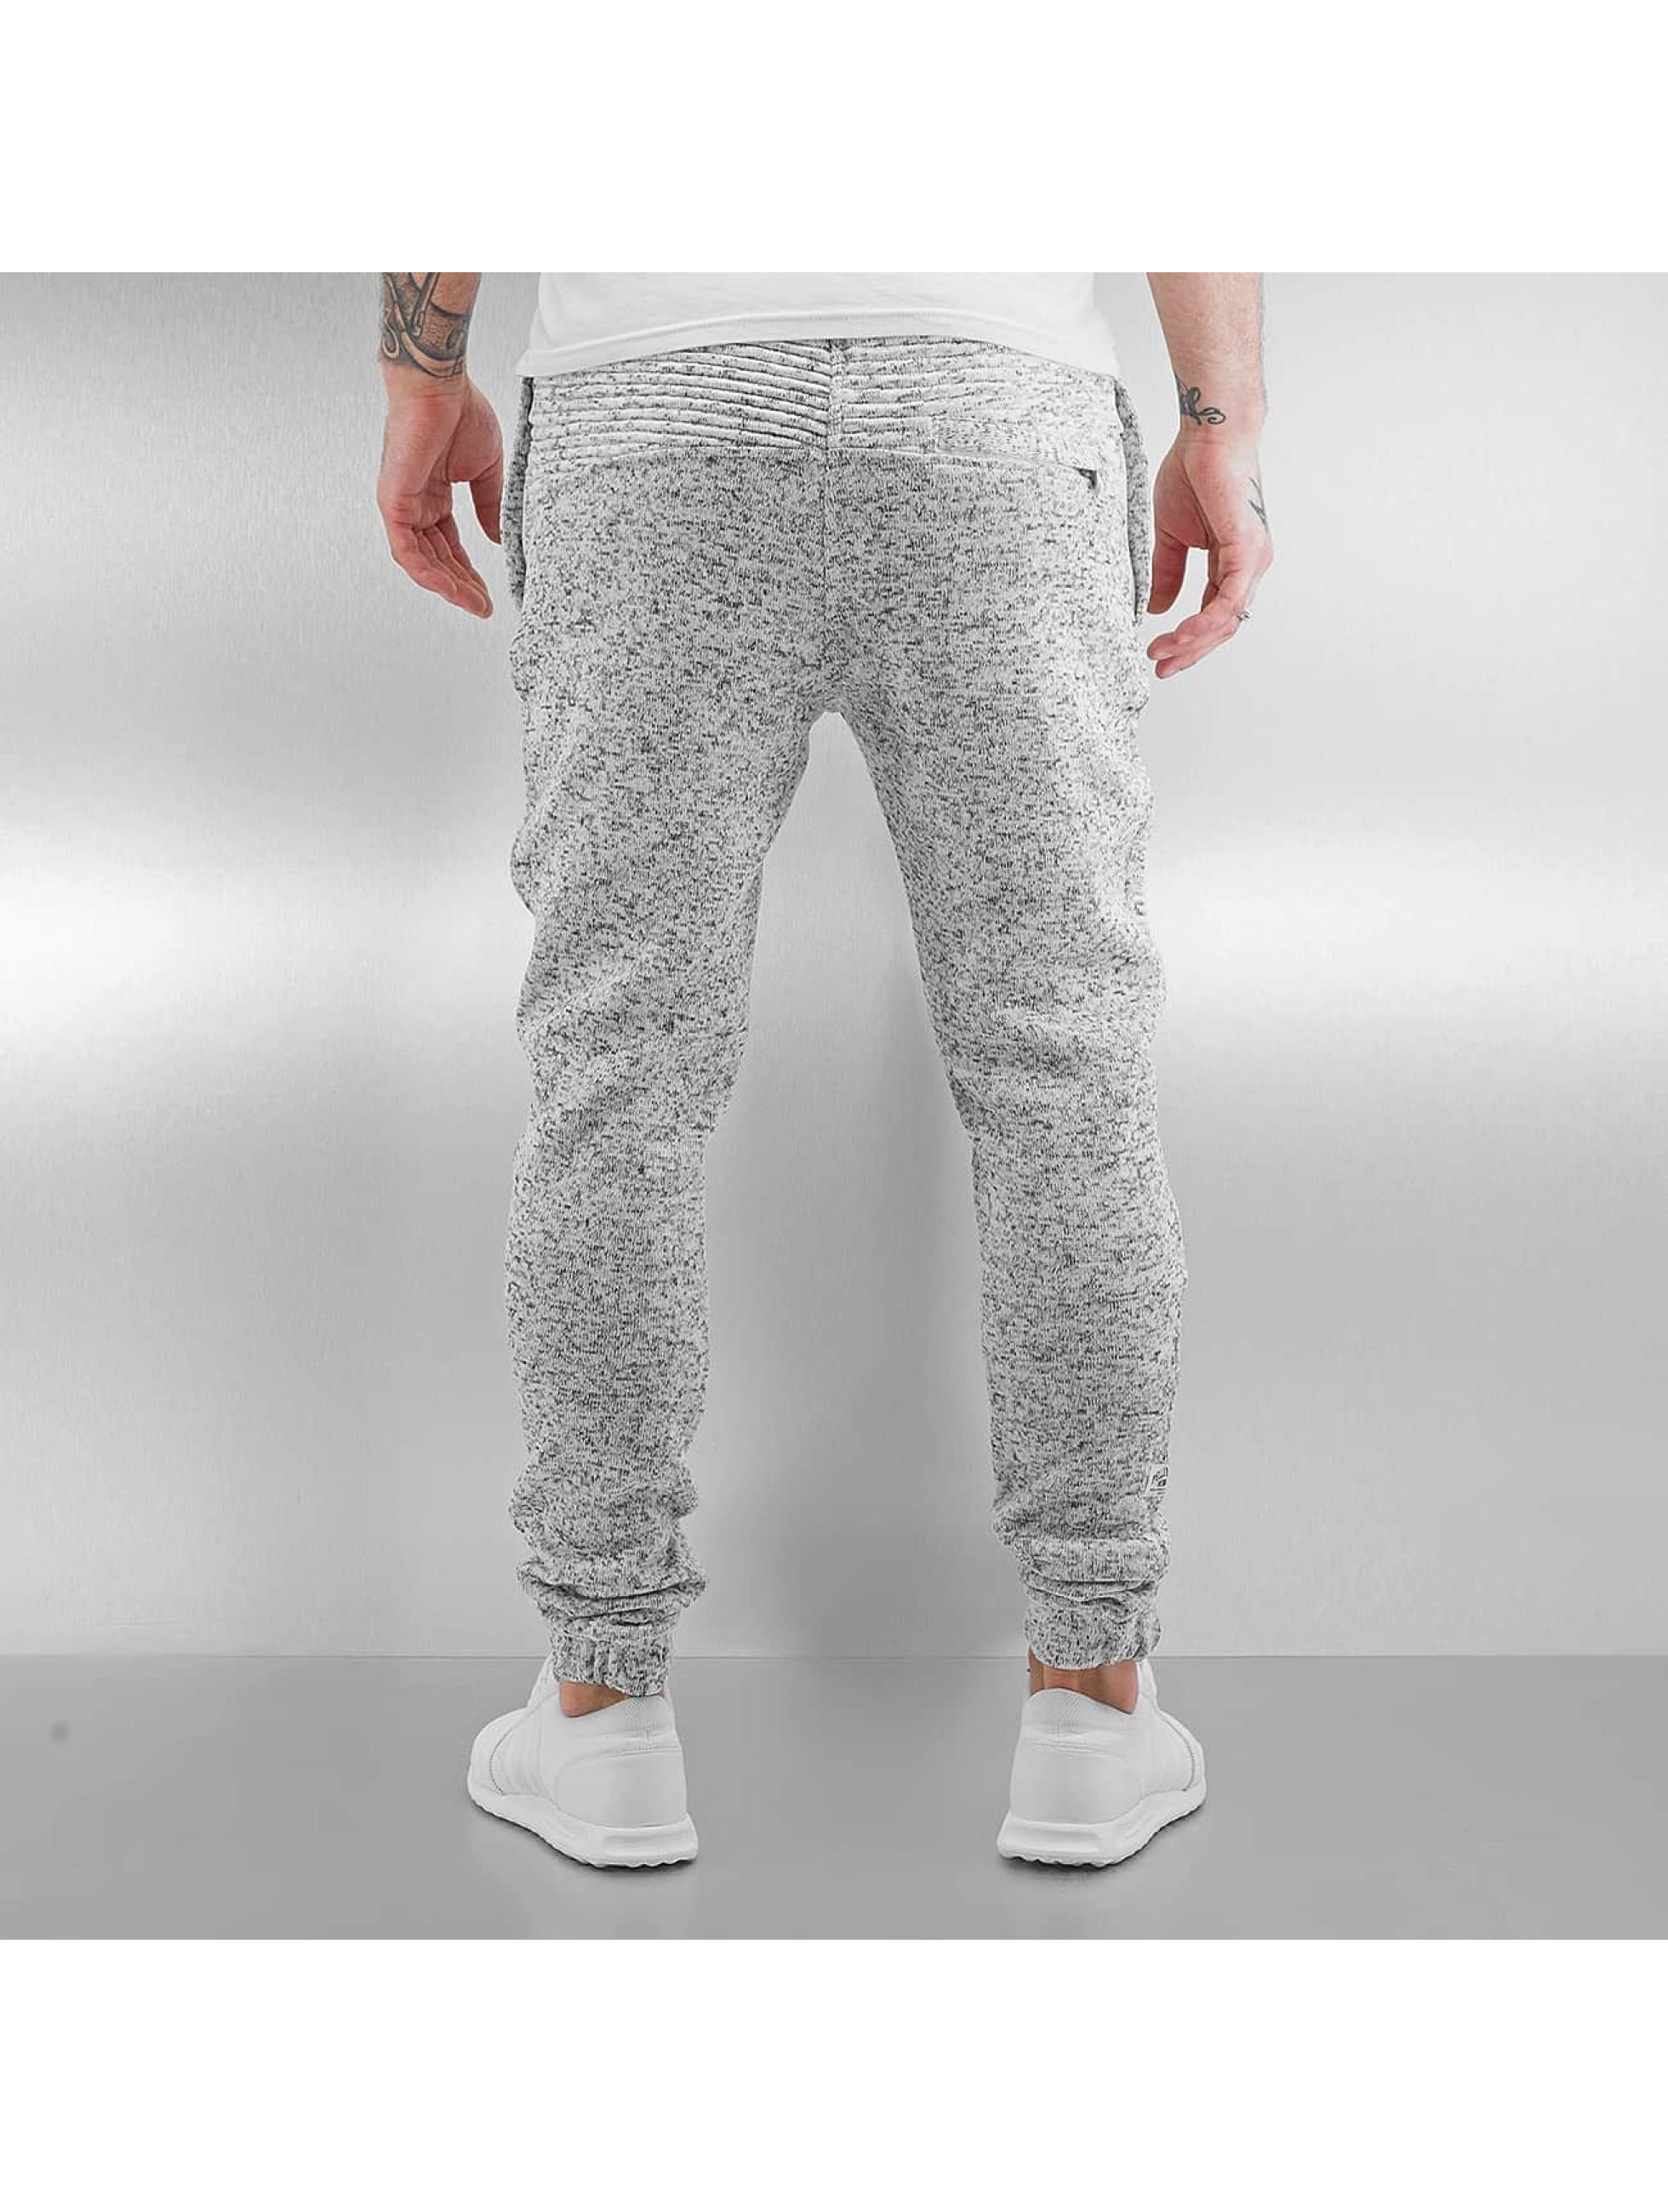 Pelle Pelle Sweat Pant Pleated grey